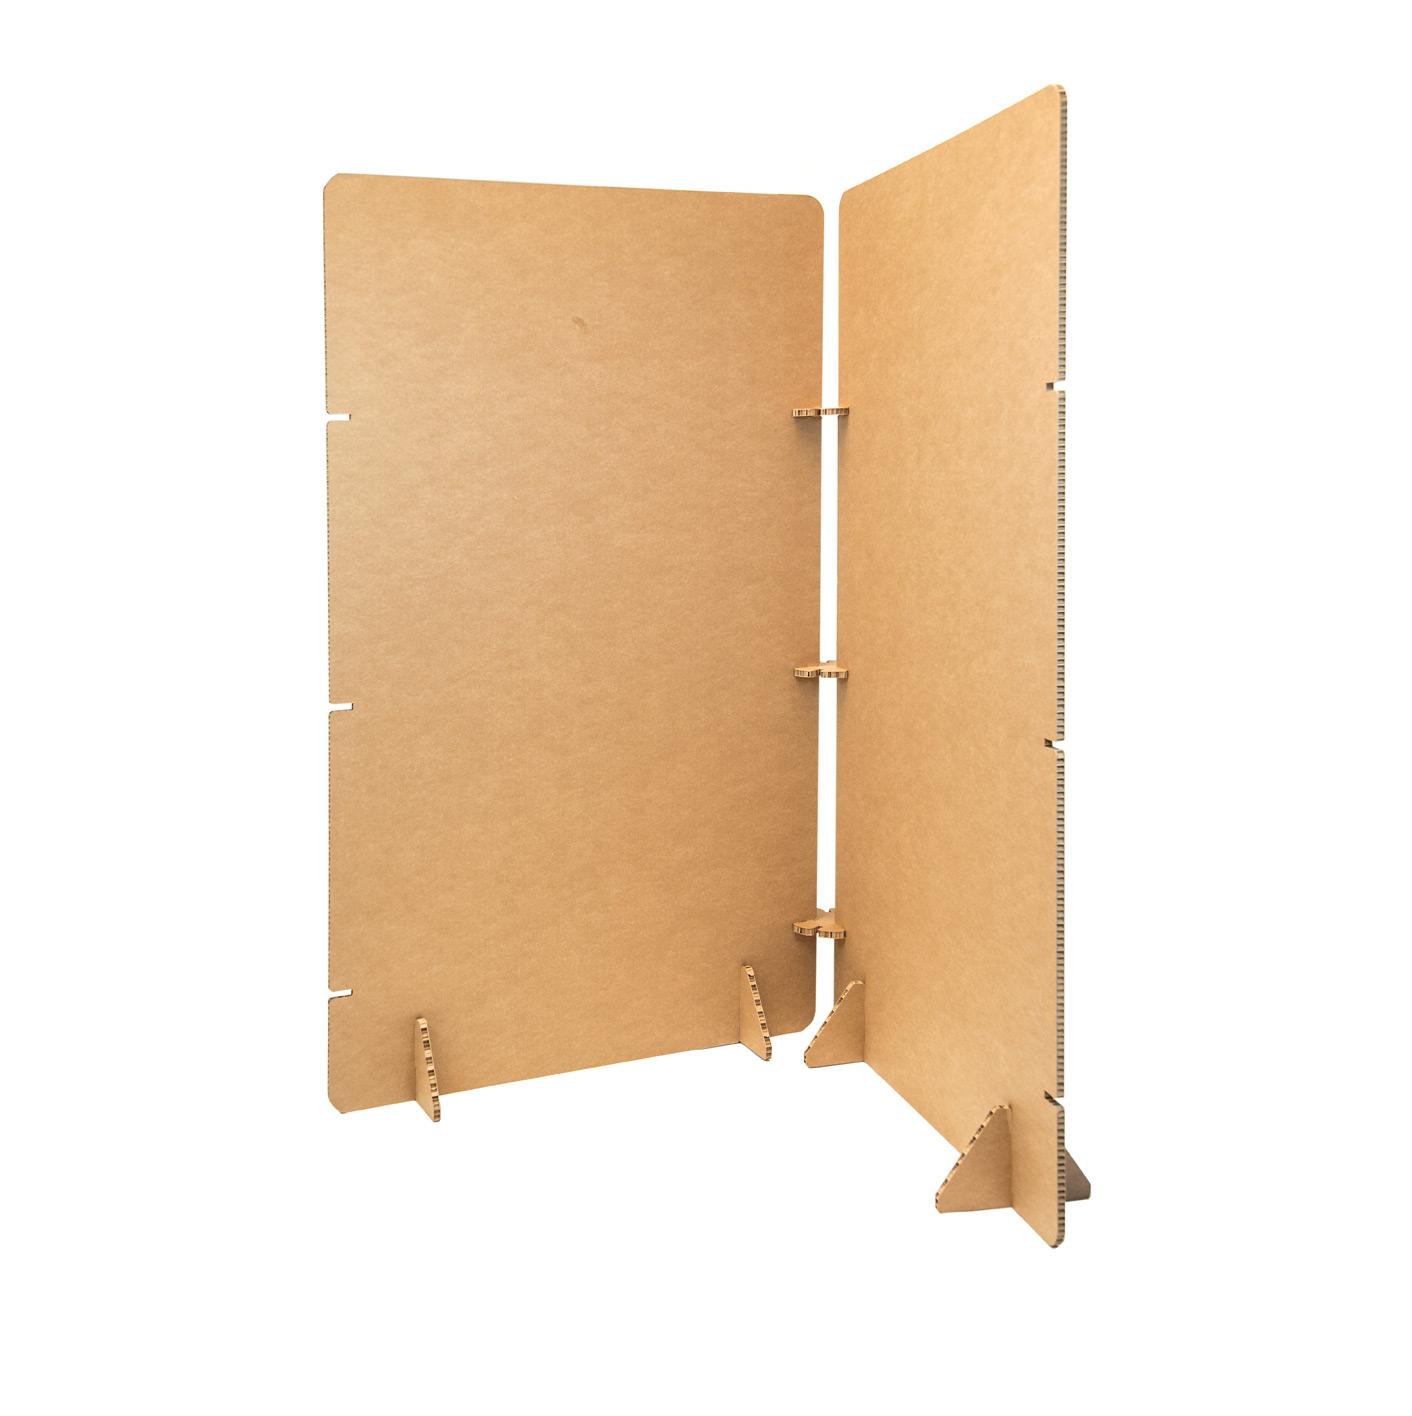 panel exposiciones soporte modular